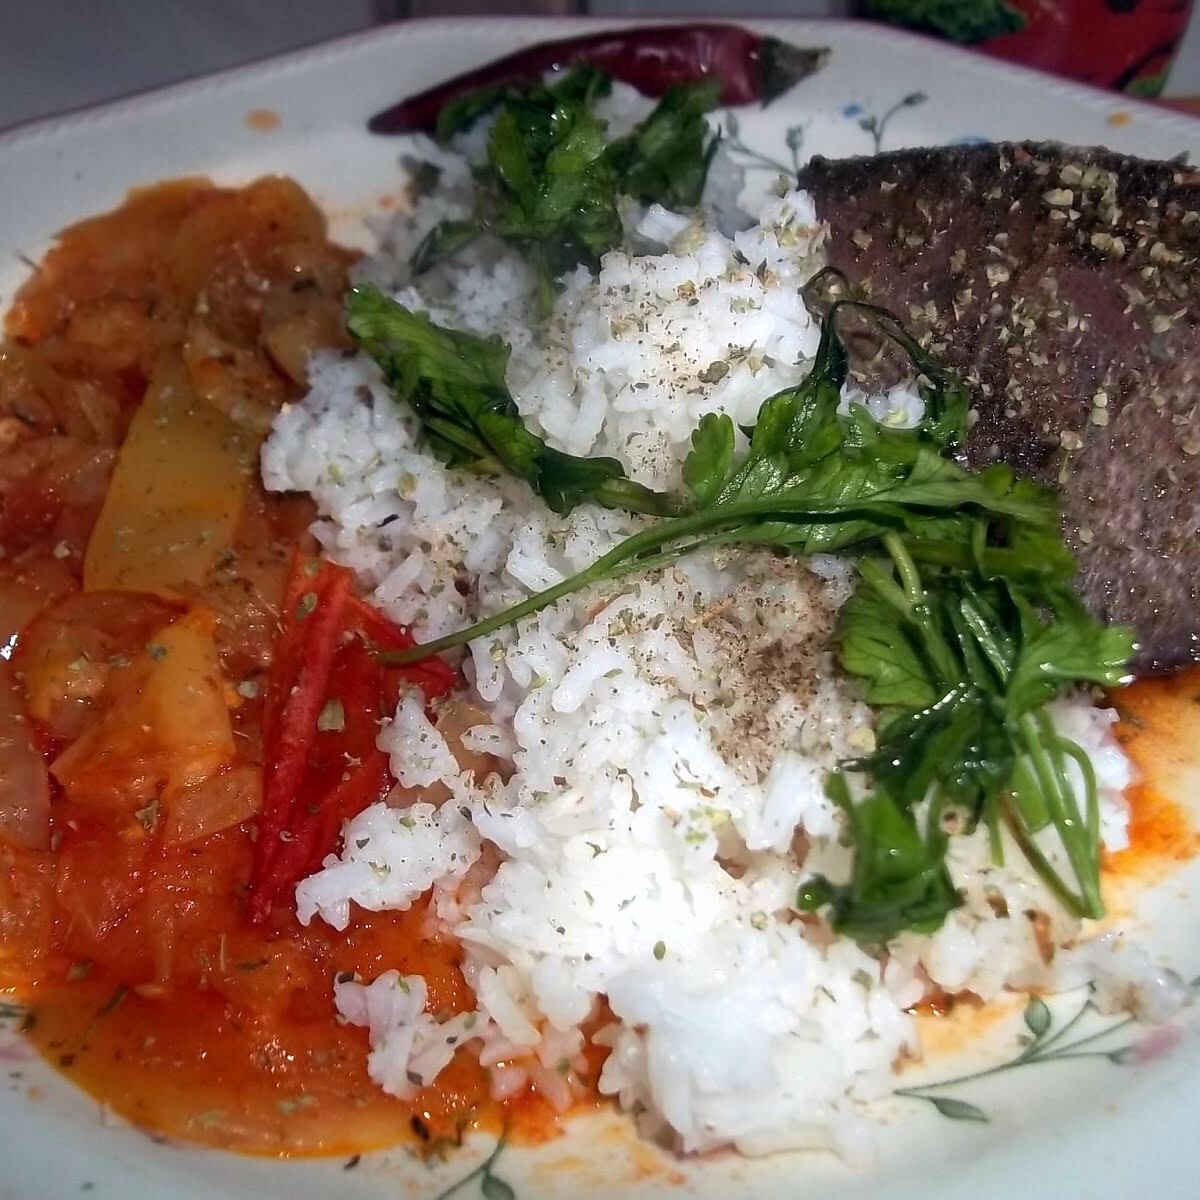 Grillezett sertésmáj lecsóval és rizzsel